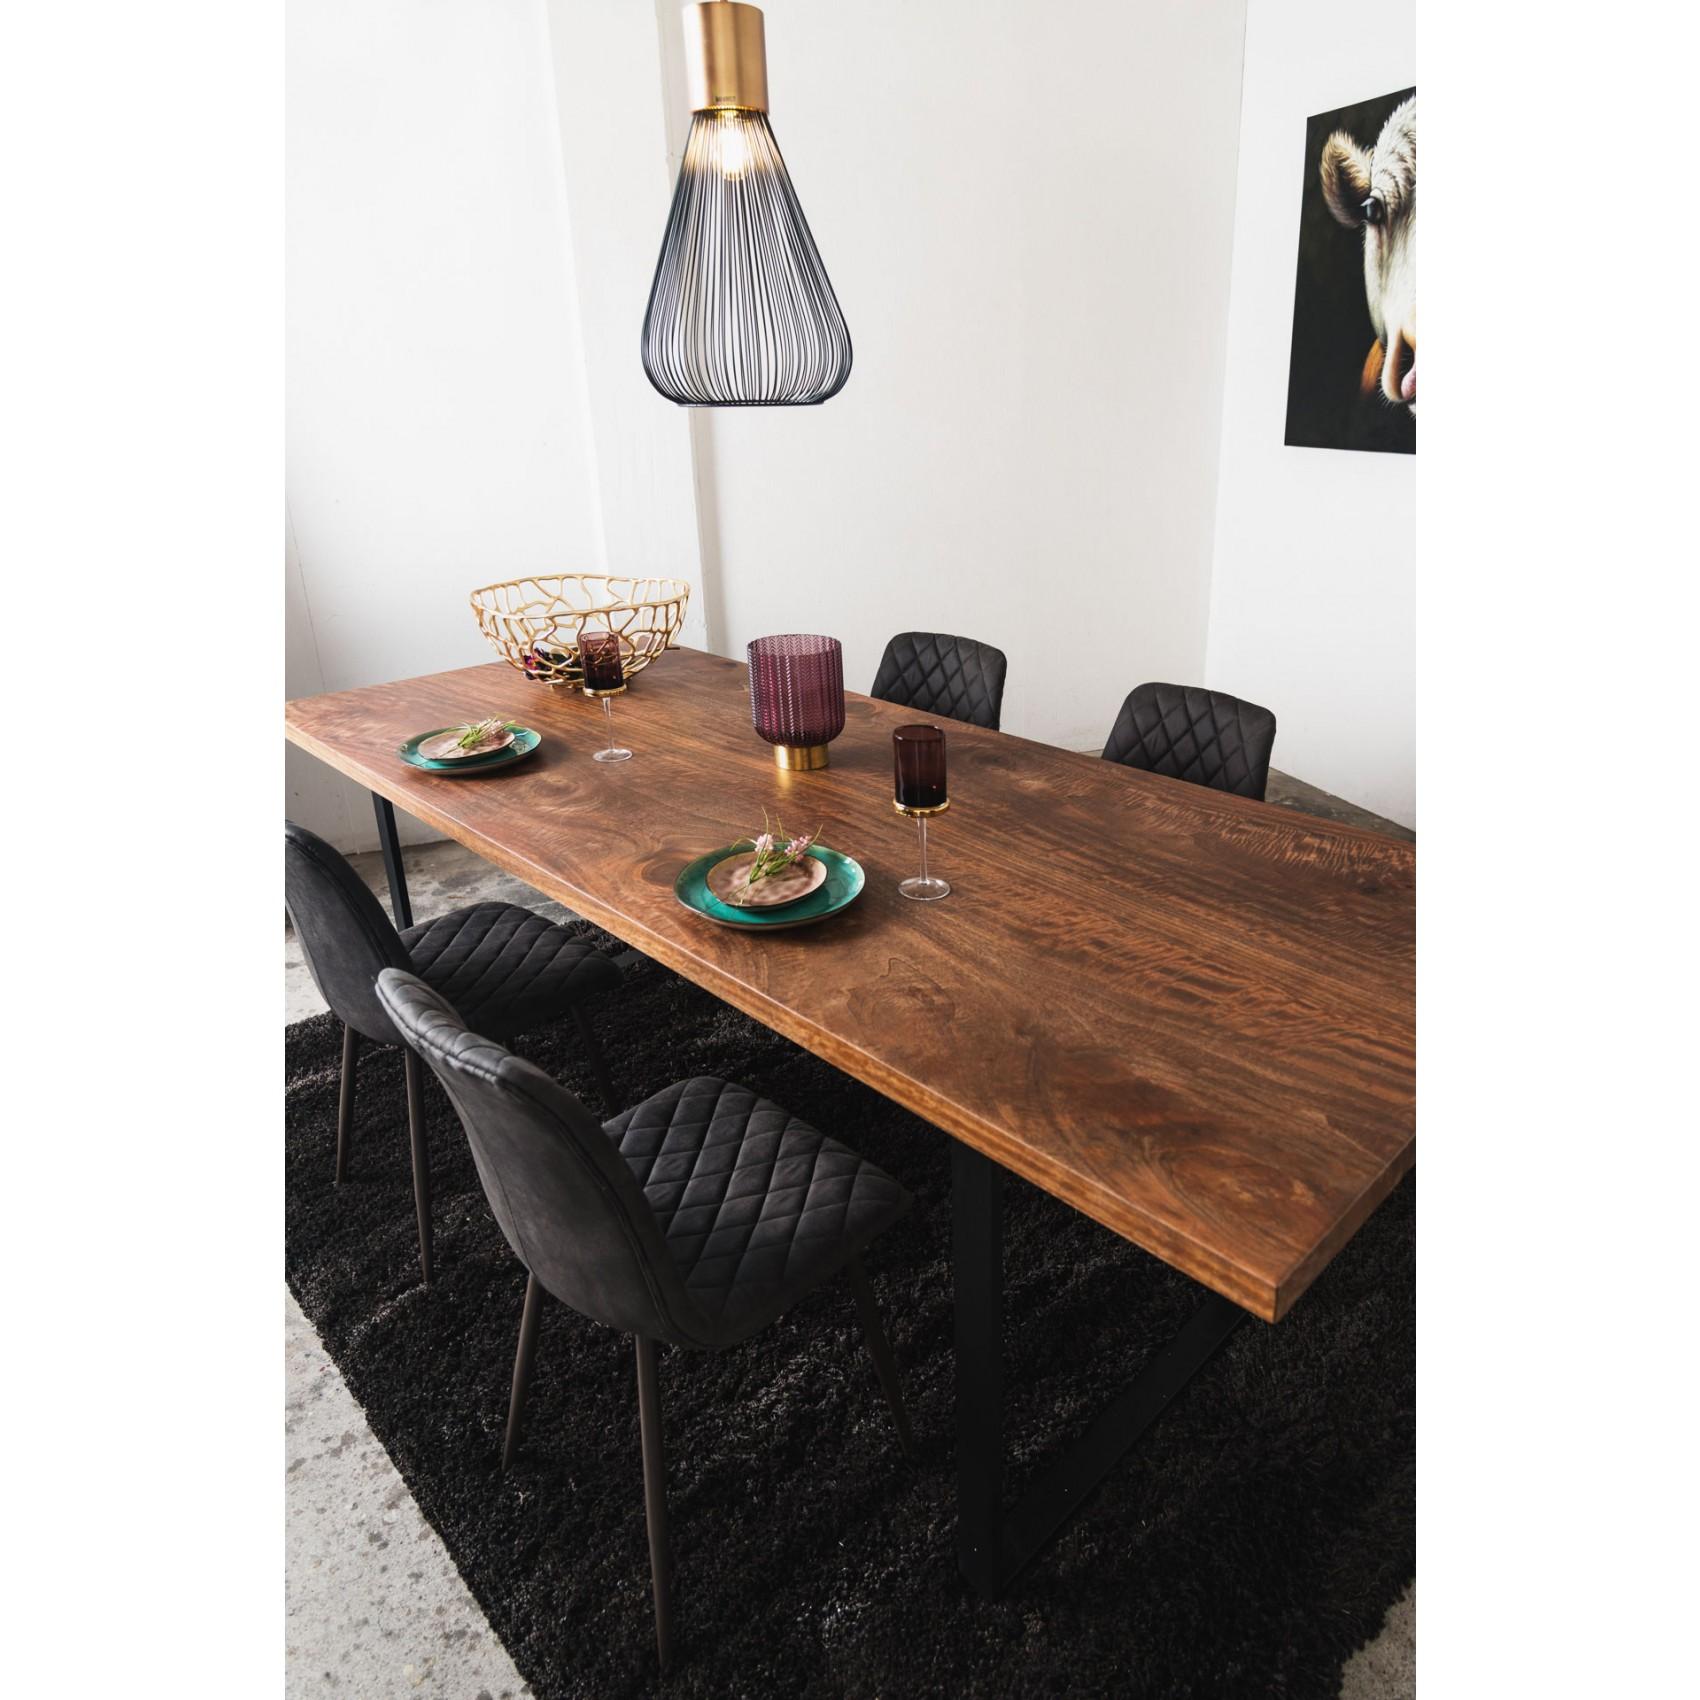 Full Size of Esstische Esstisch Mit Mangoholz Design Mango Costa Rica Massiv Runde Massivholz Kleine Moderne Rund Designer Holz Ausziehbar Esstische Esstische